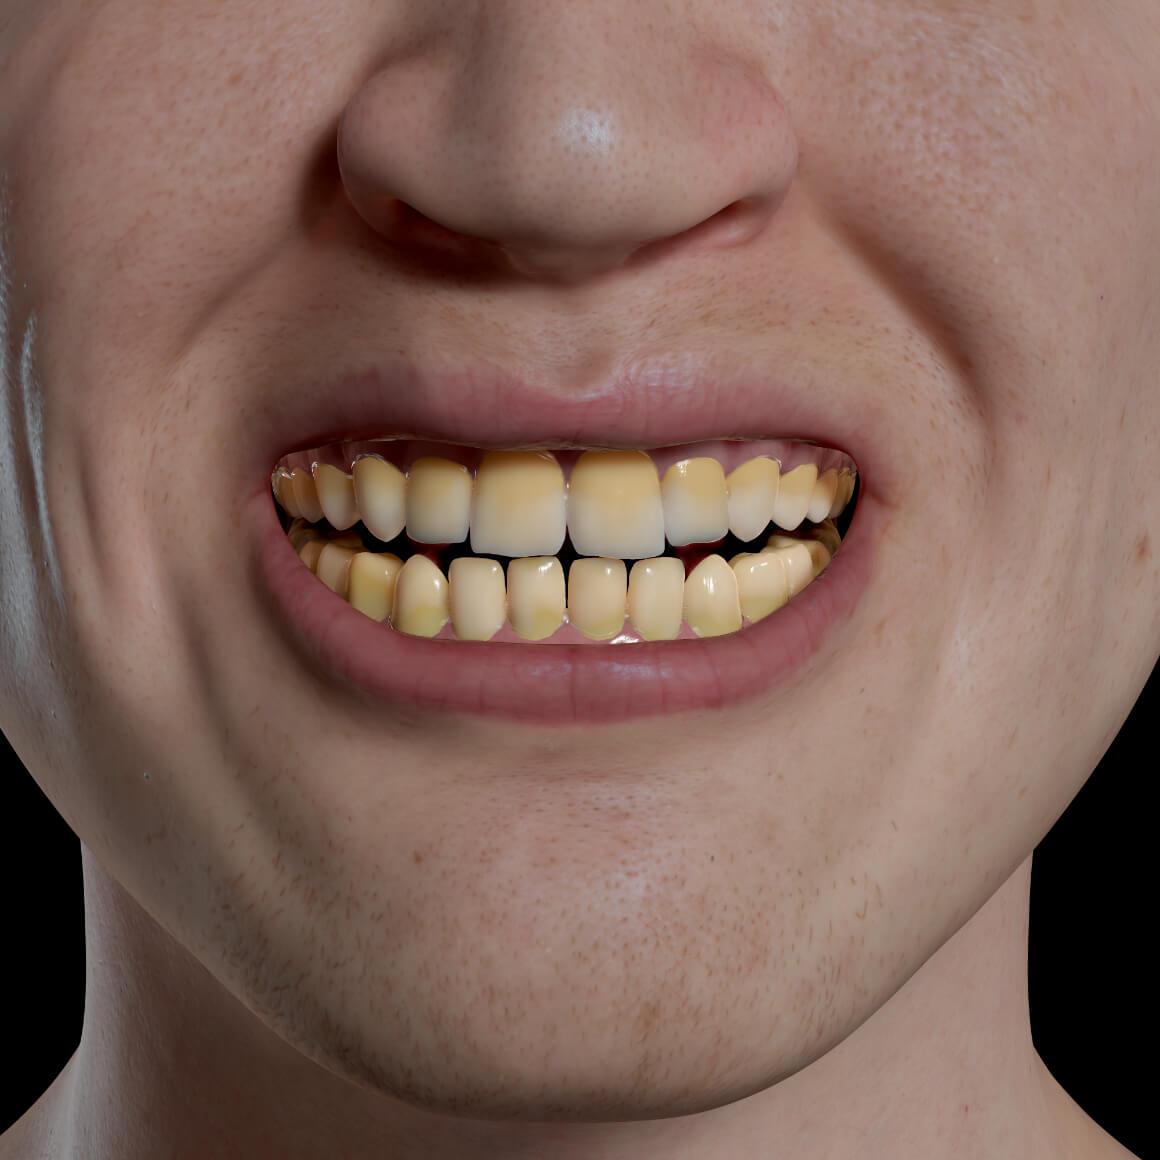 Sourire d'un patient de la Clinique Chloé positionné de face démontrant des dents jaunes